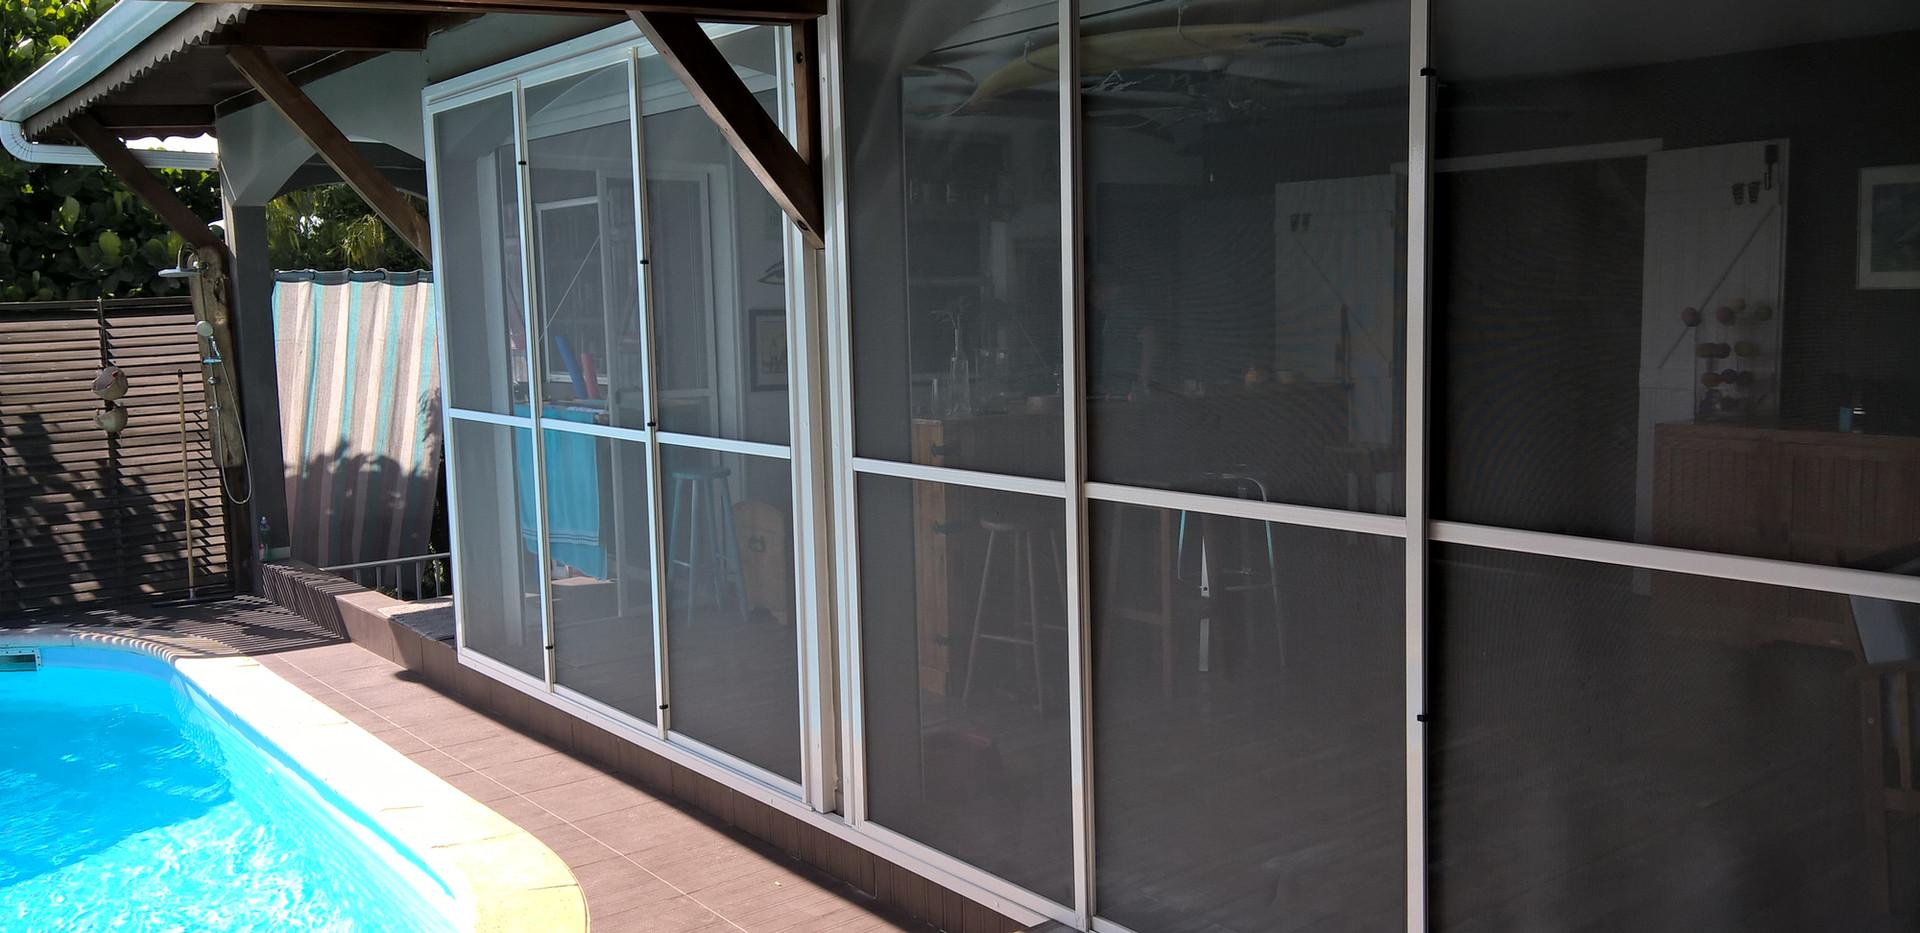 moustiquaire coulissante pour baie vitrée